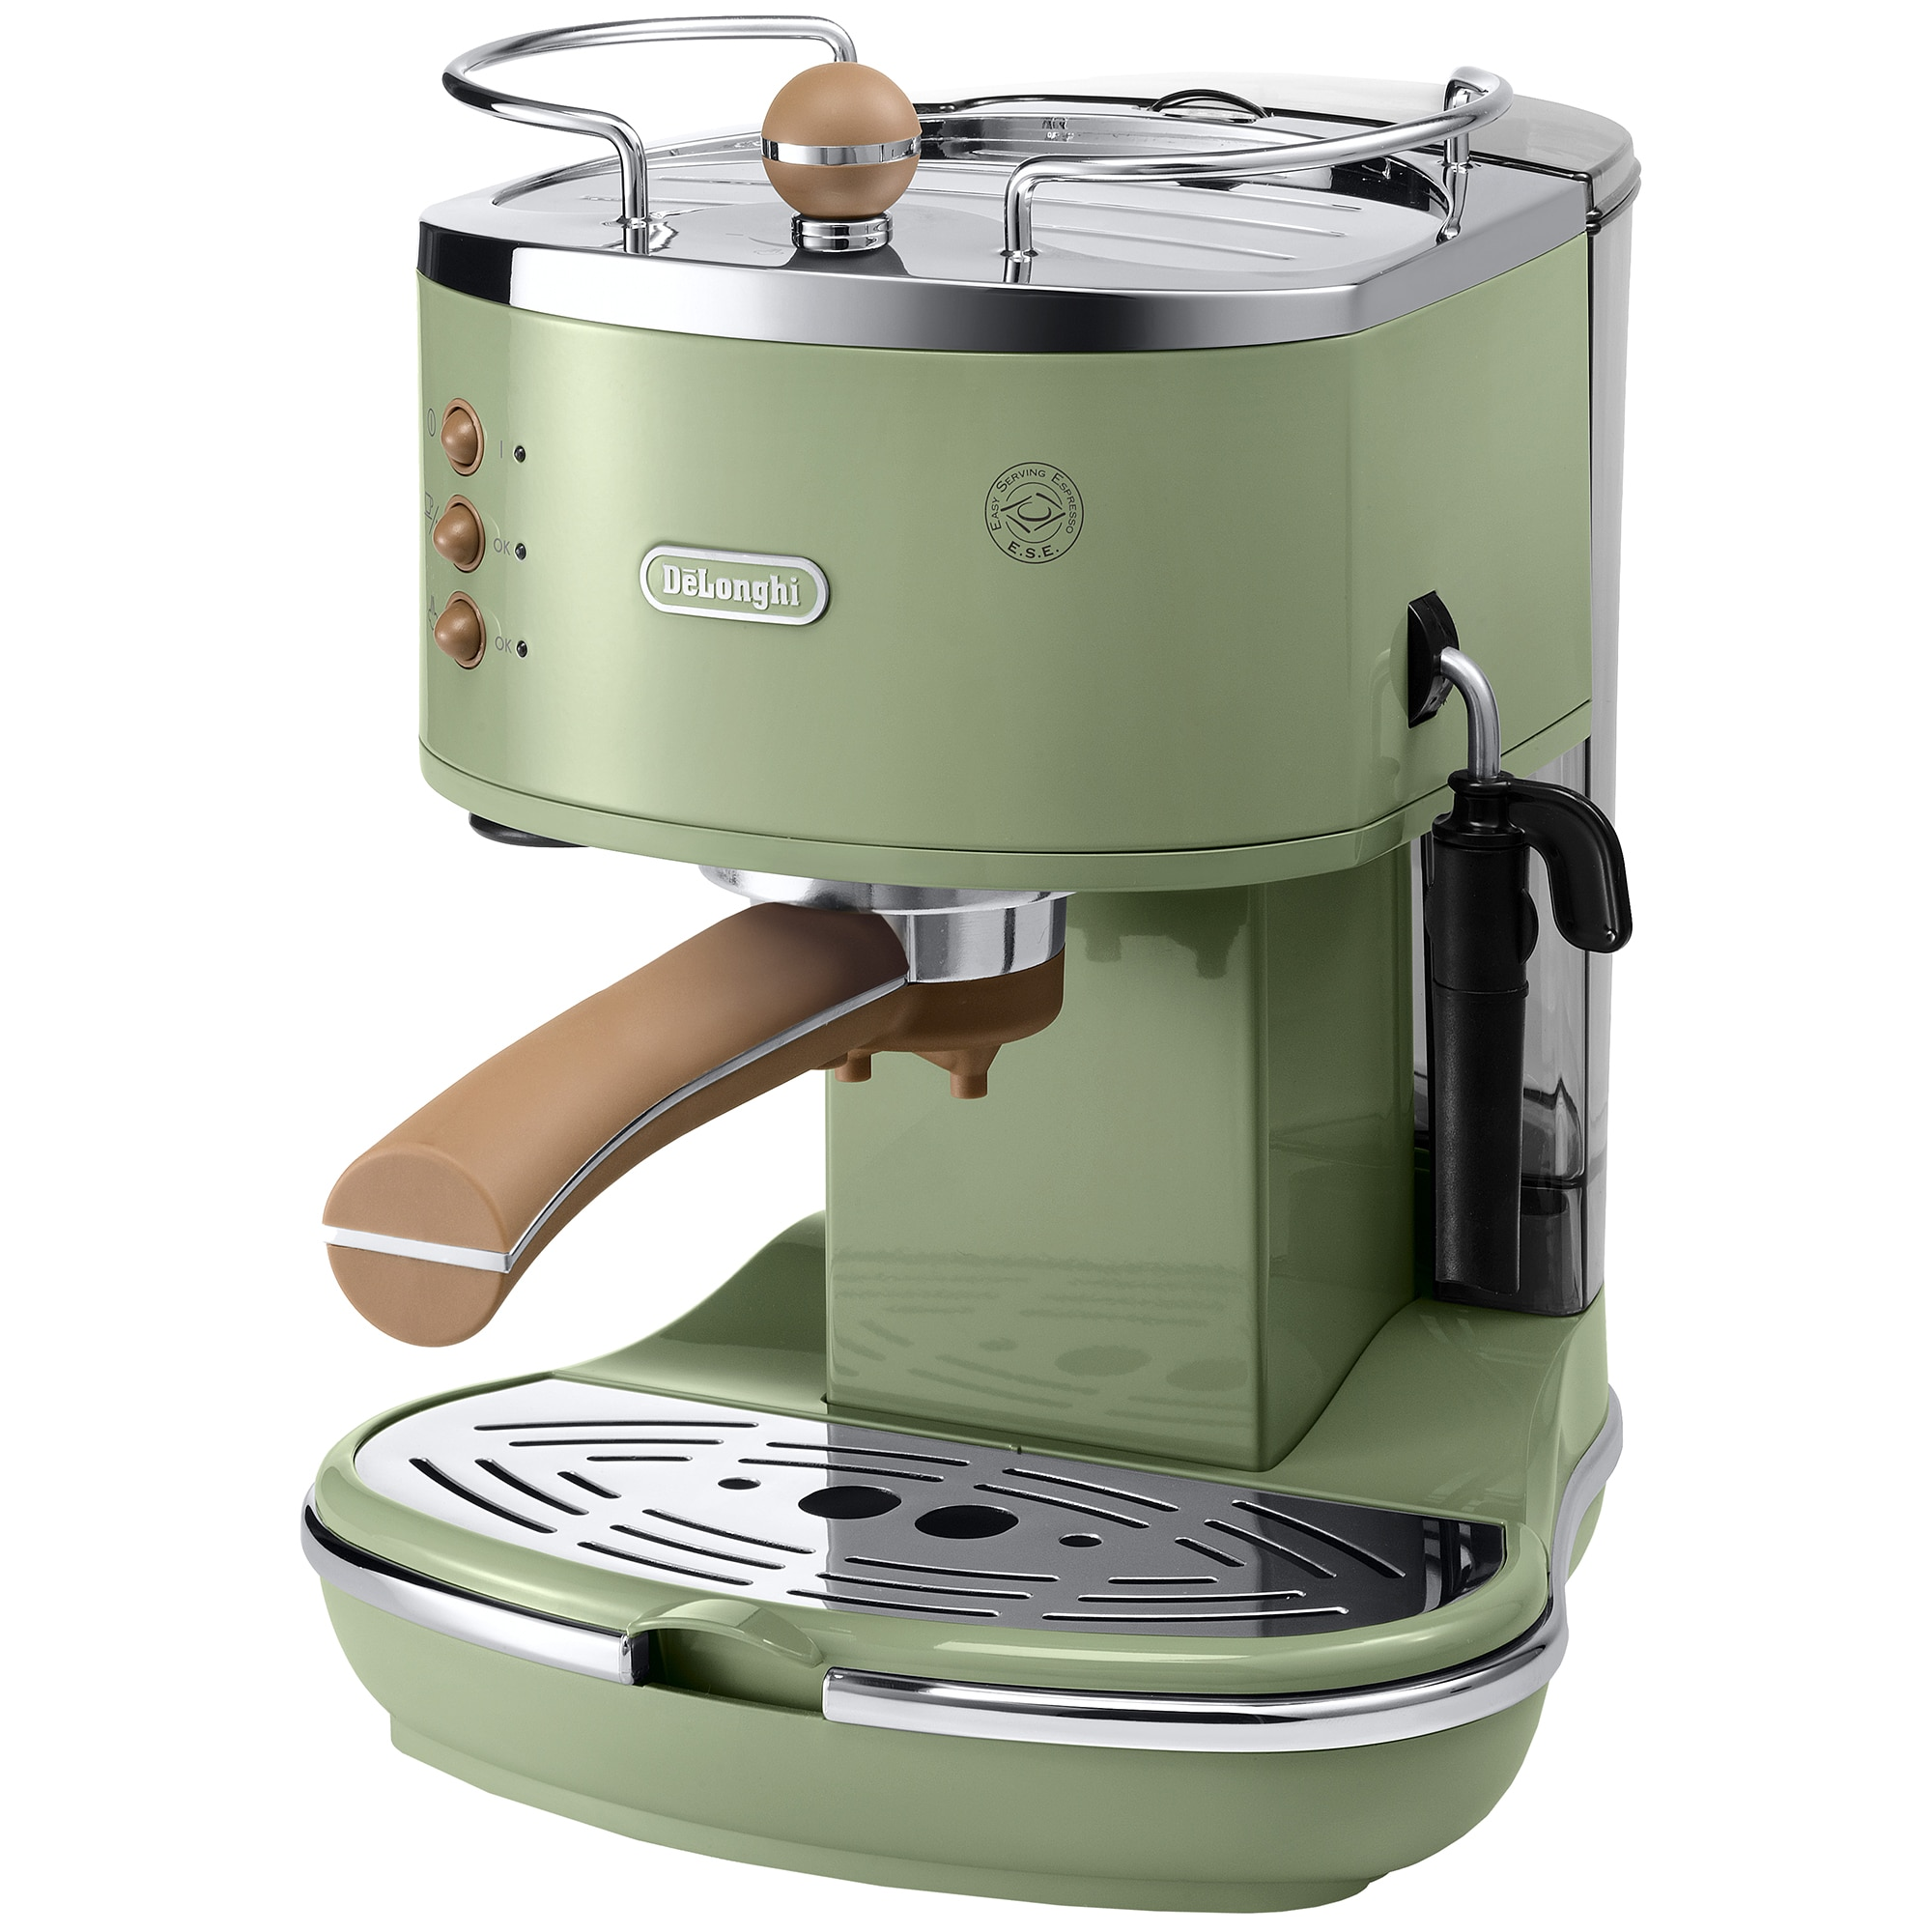 Fotografie Espressor manual De'Longhi Vintage ECOV311.GR, 15 bar, 1.4 l, Sistem Cappuccino, Verde